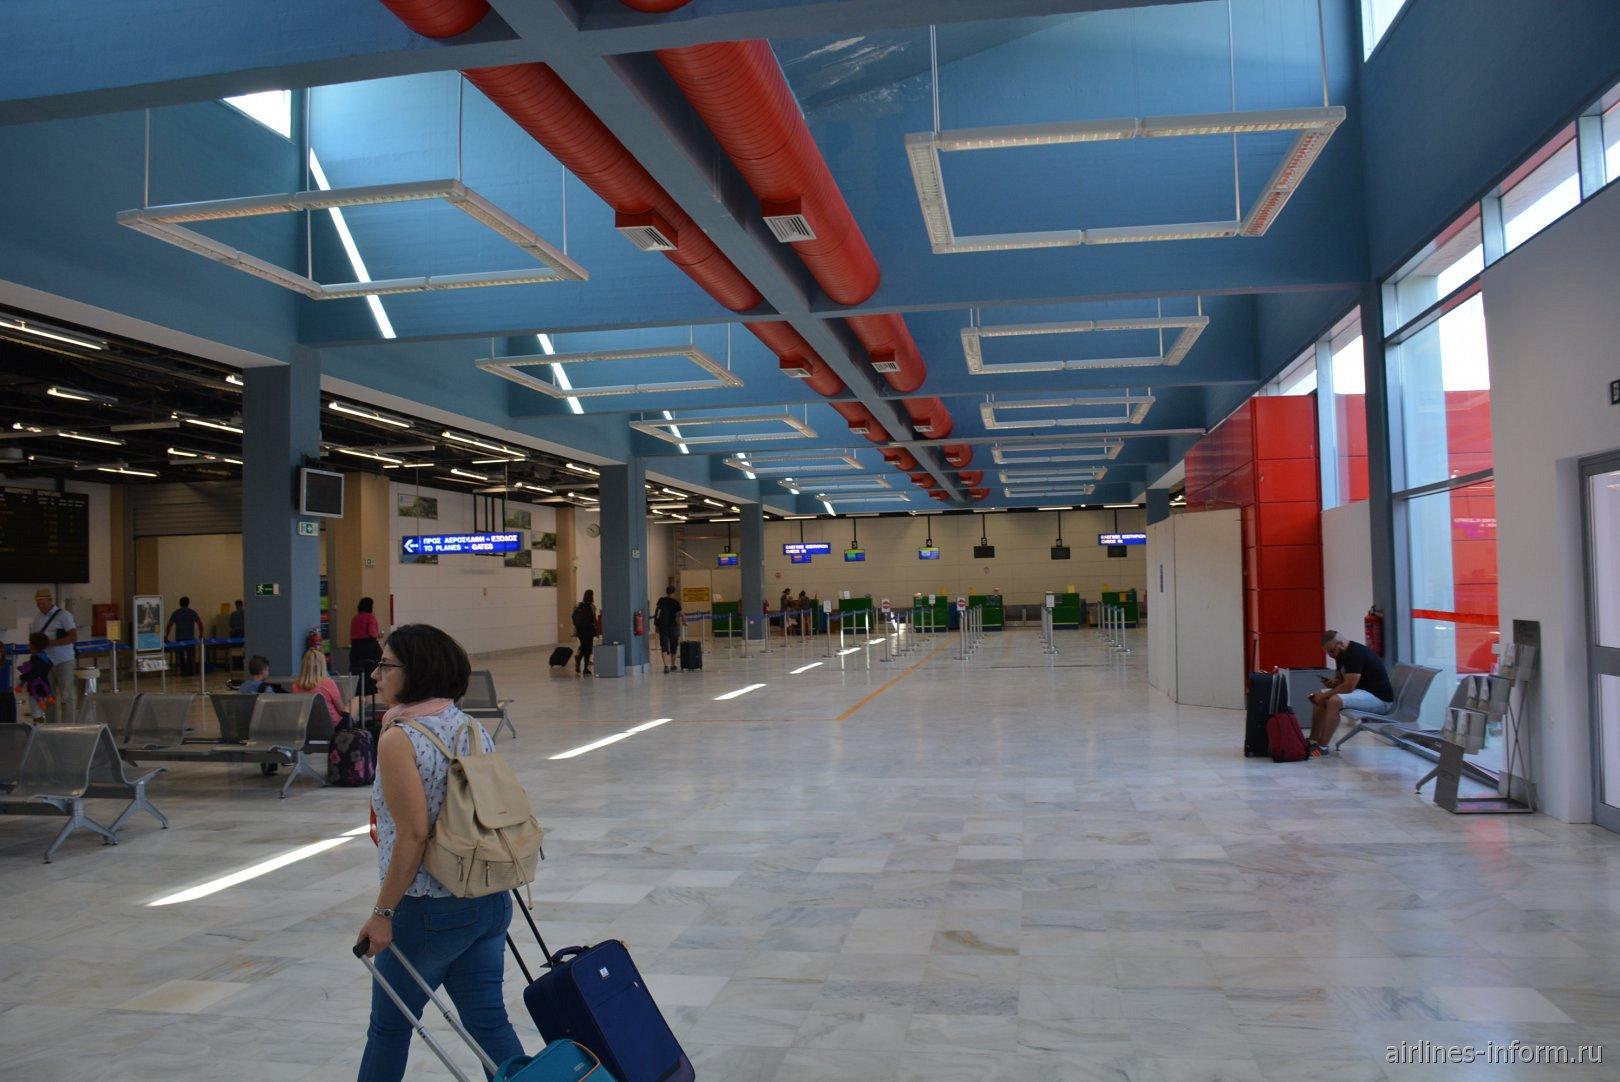 В аэровокзале аэропорта Превеза Актион